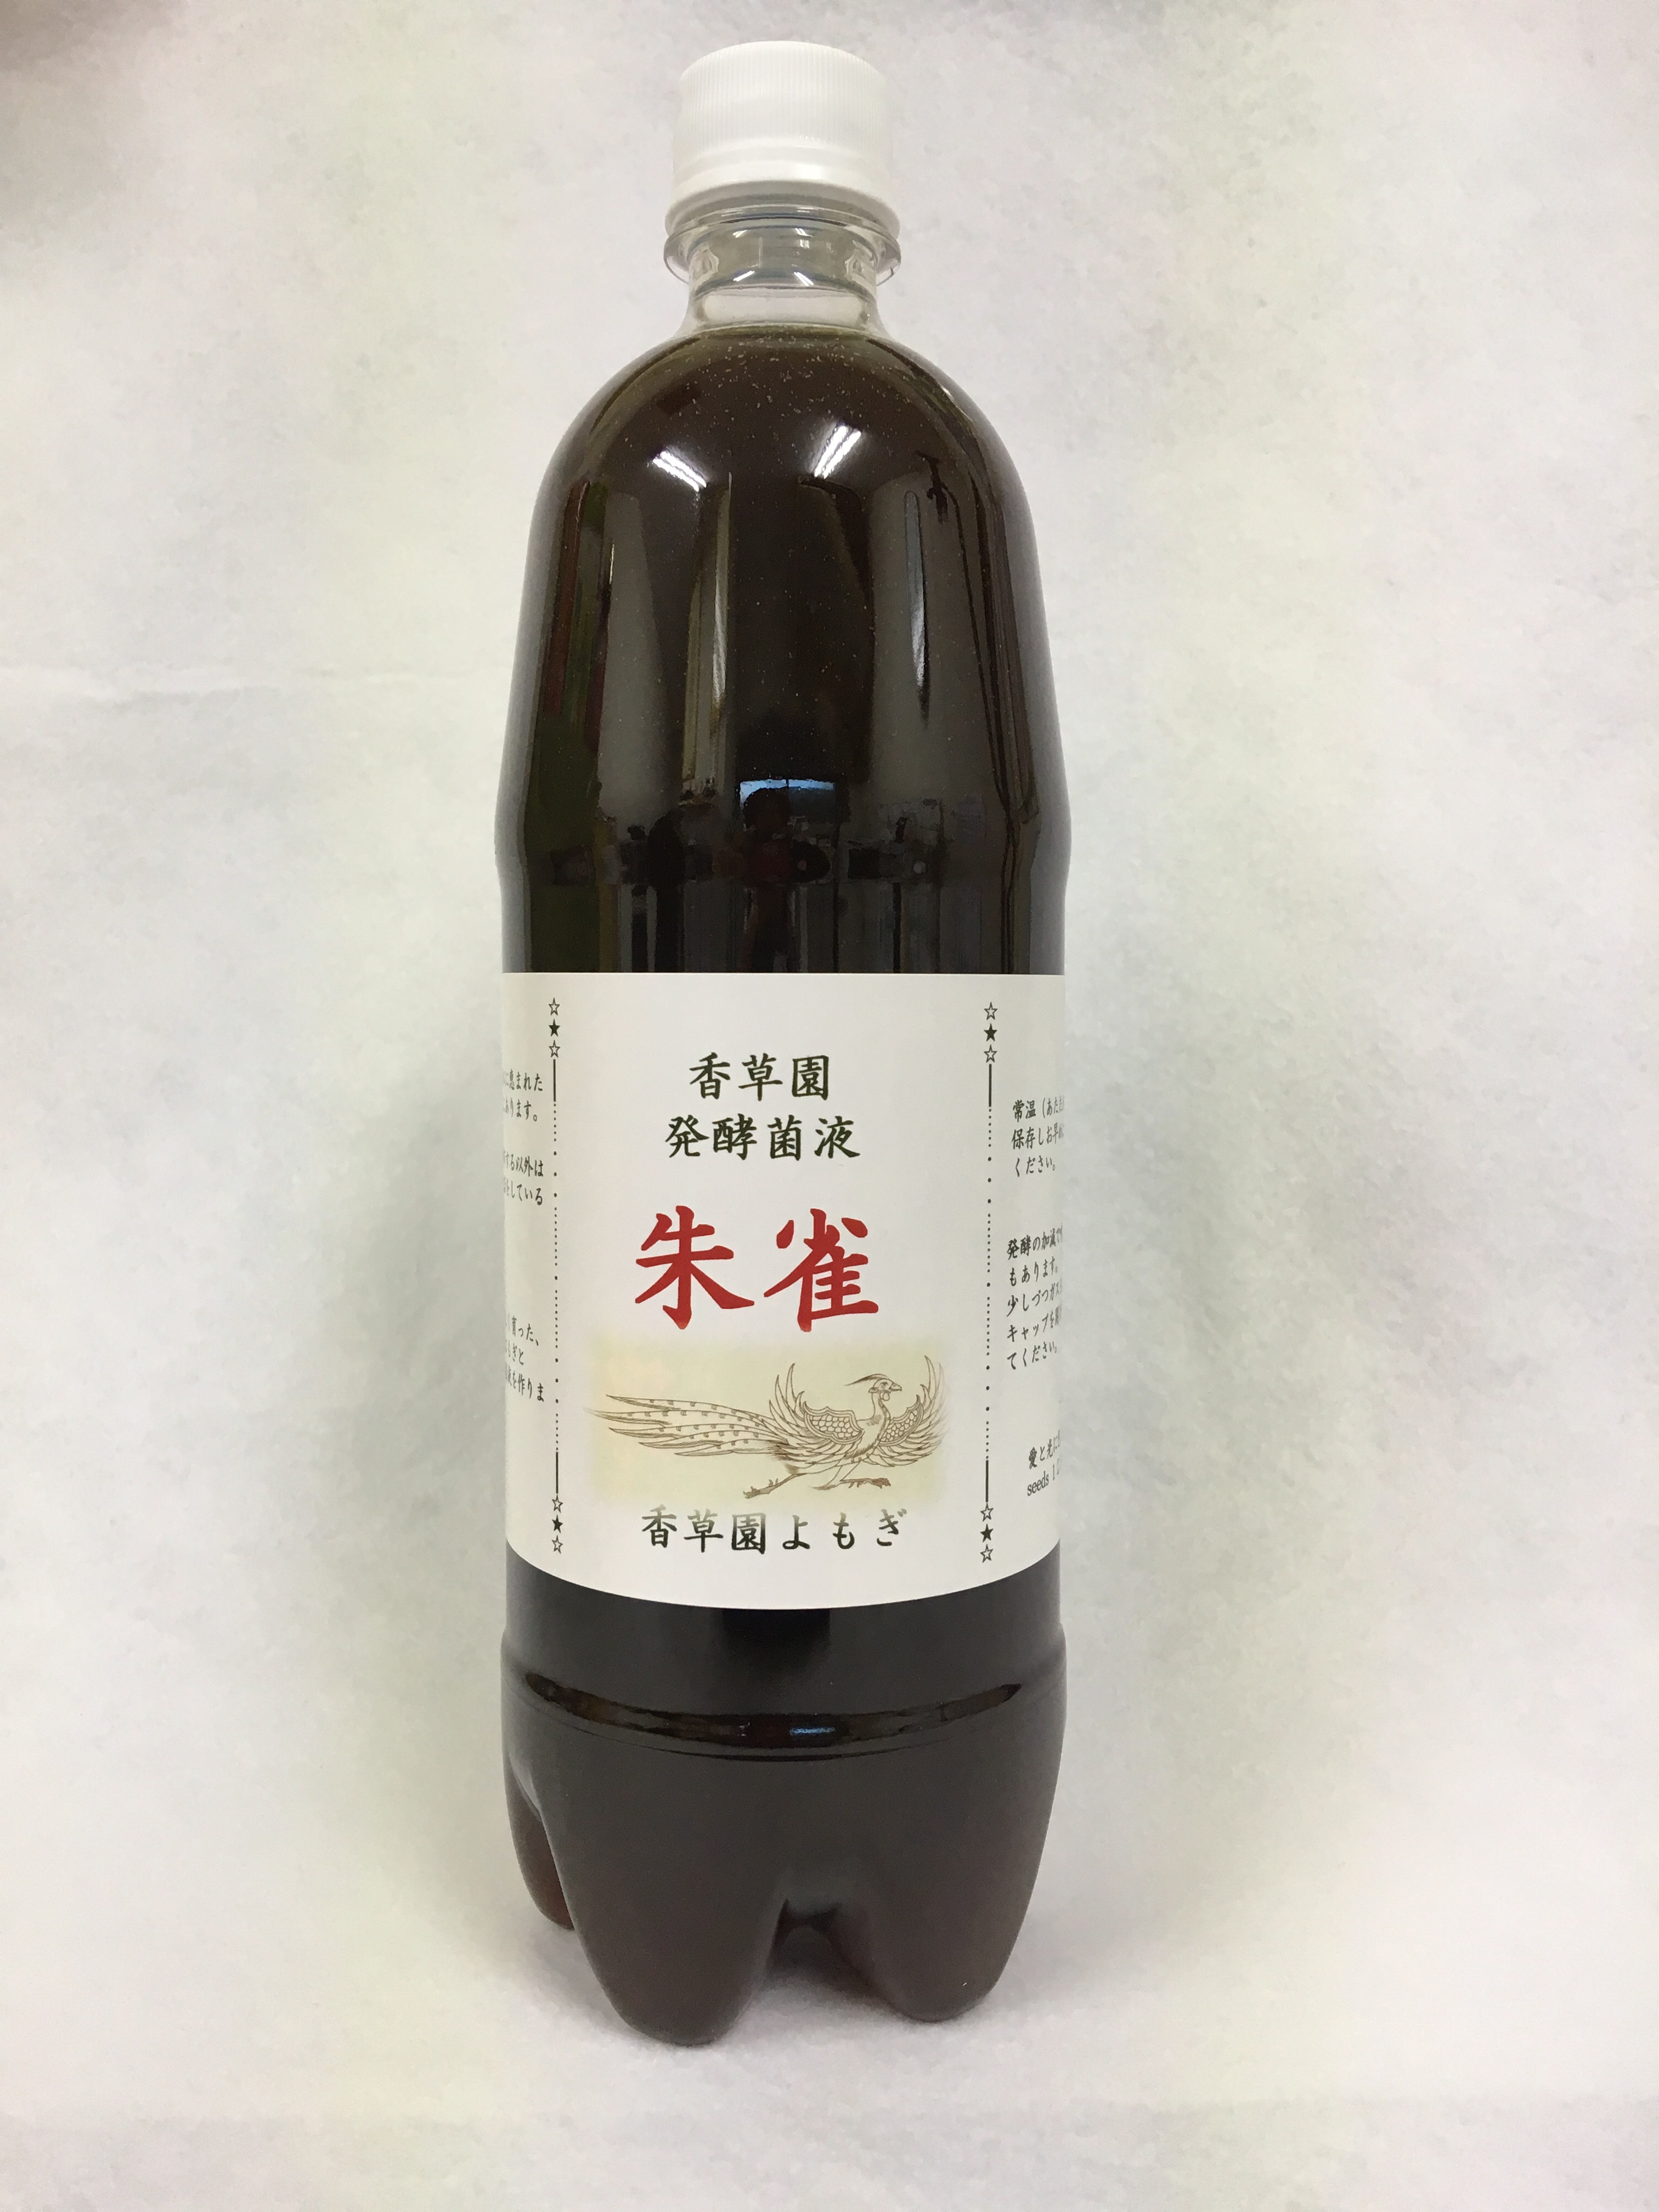 香草園乳酸菌液【朱雀】1000ml